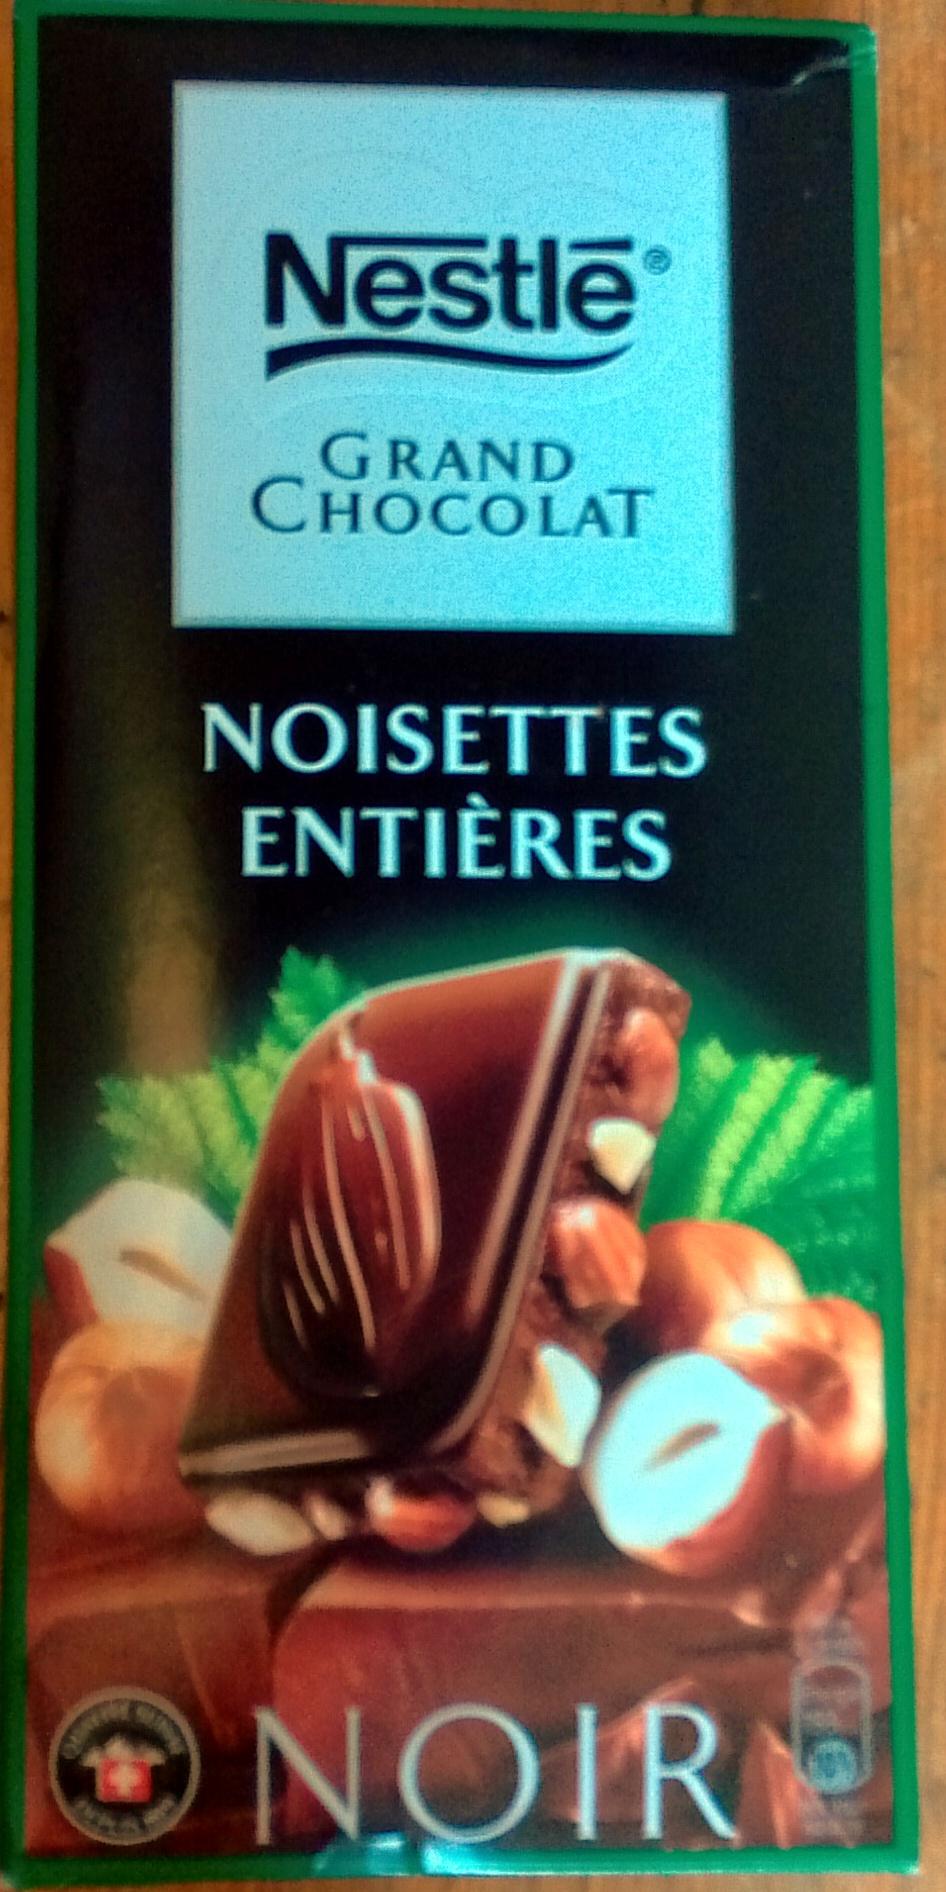 Grand Chocolat Noir Noisettes entières - Prodotto - fr